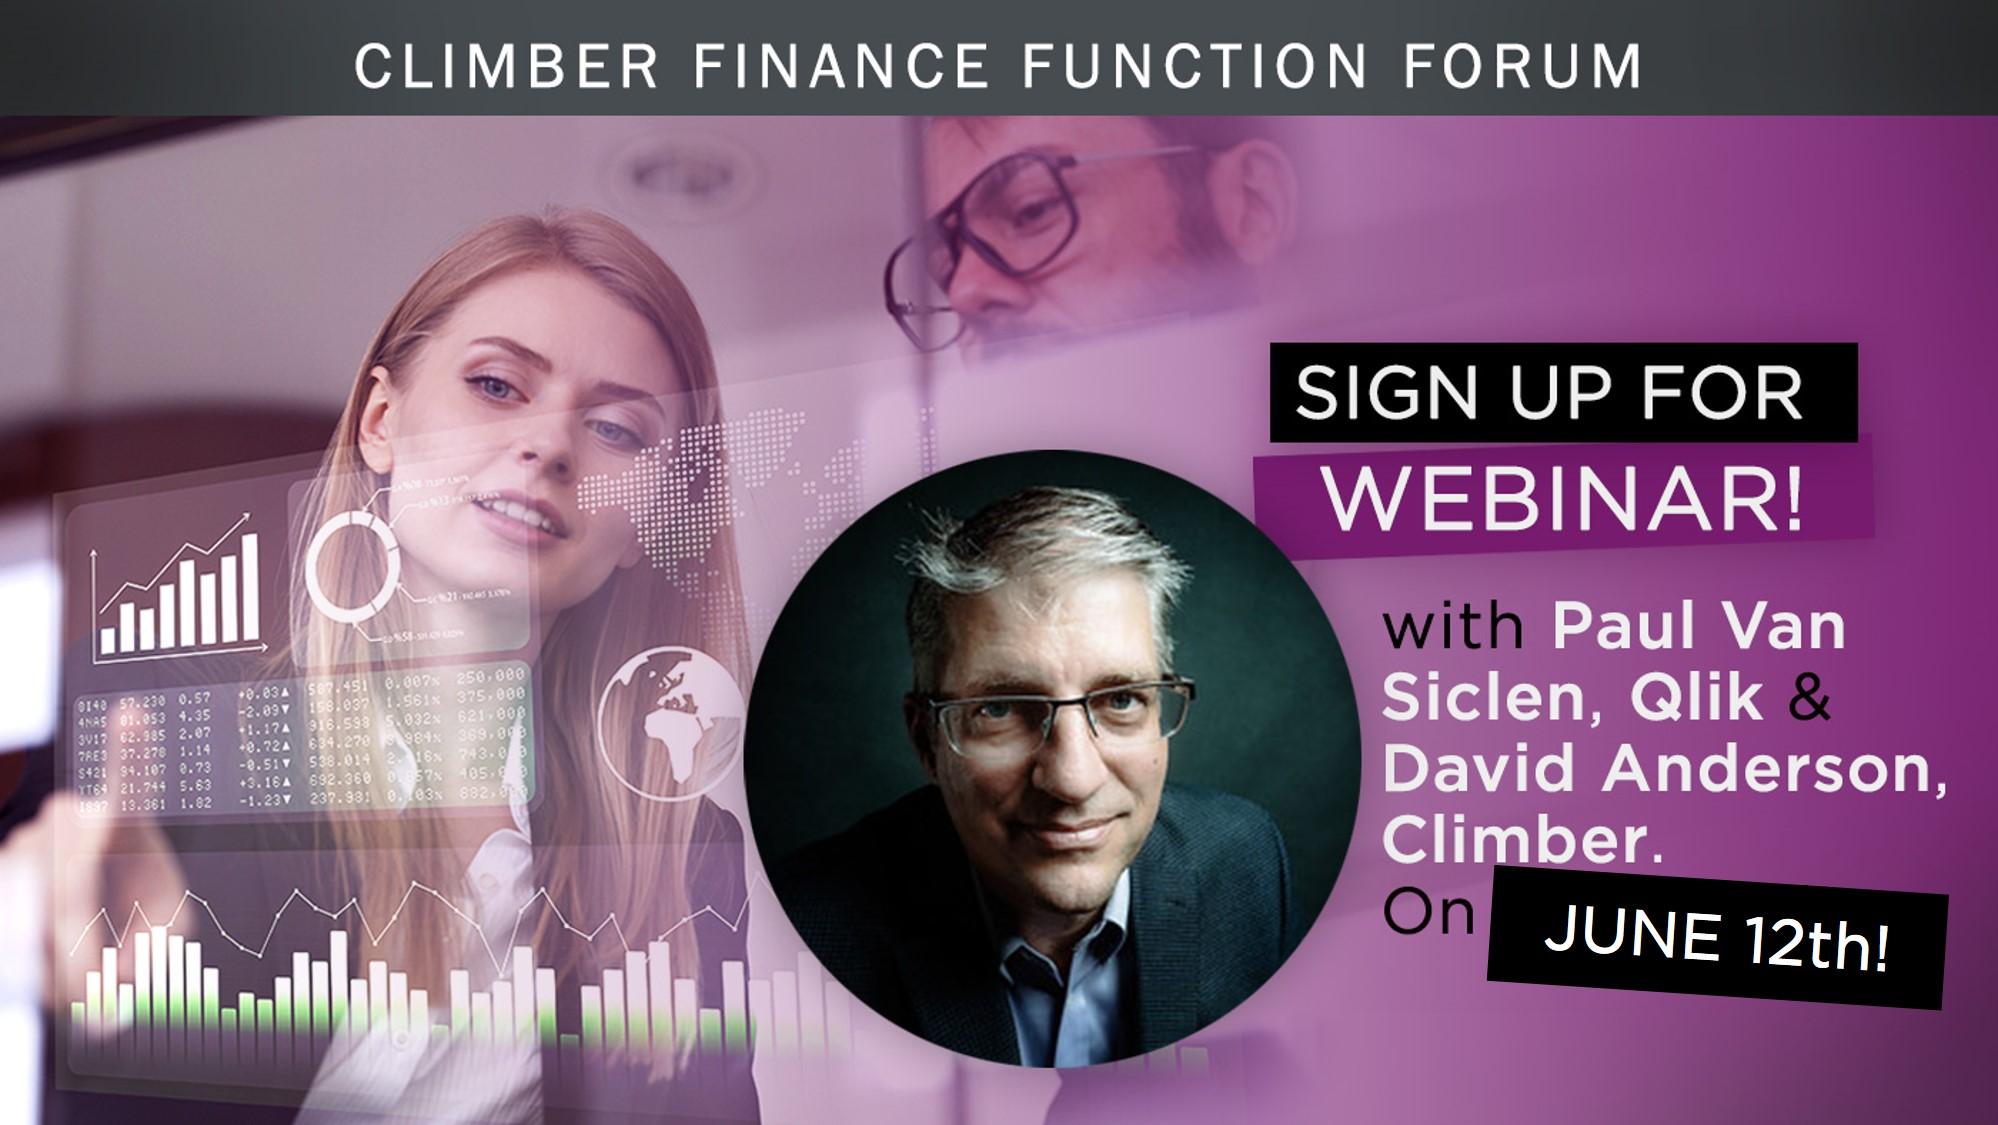 Finance function webinar with Paul van Siclen at Qlik on June 12